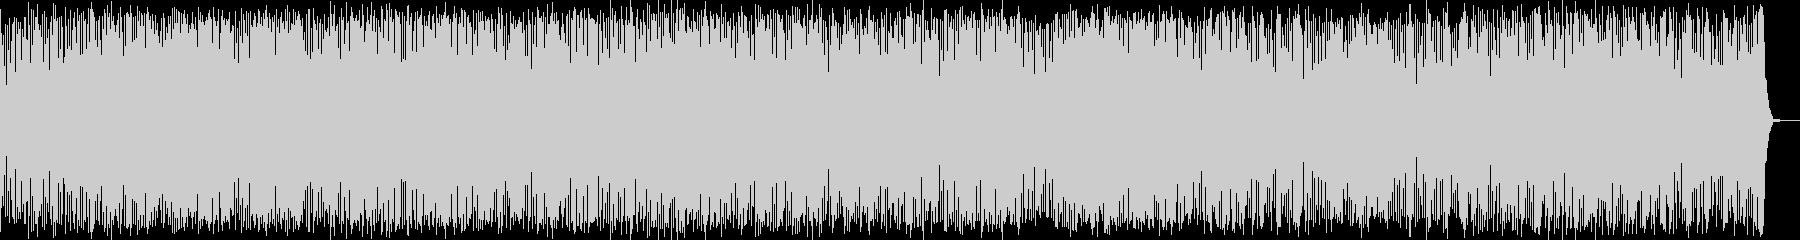 スペースドラムによる神秘的なBGMの未再生の波形